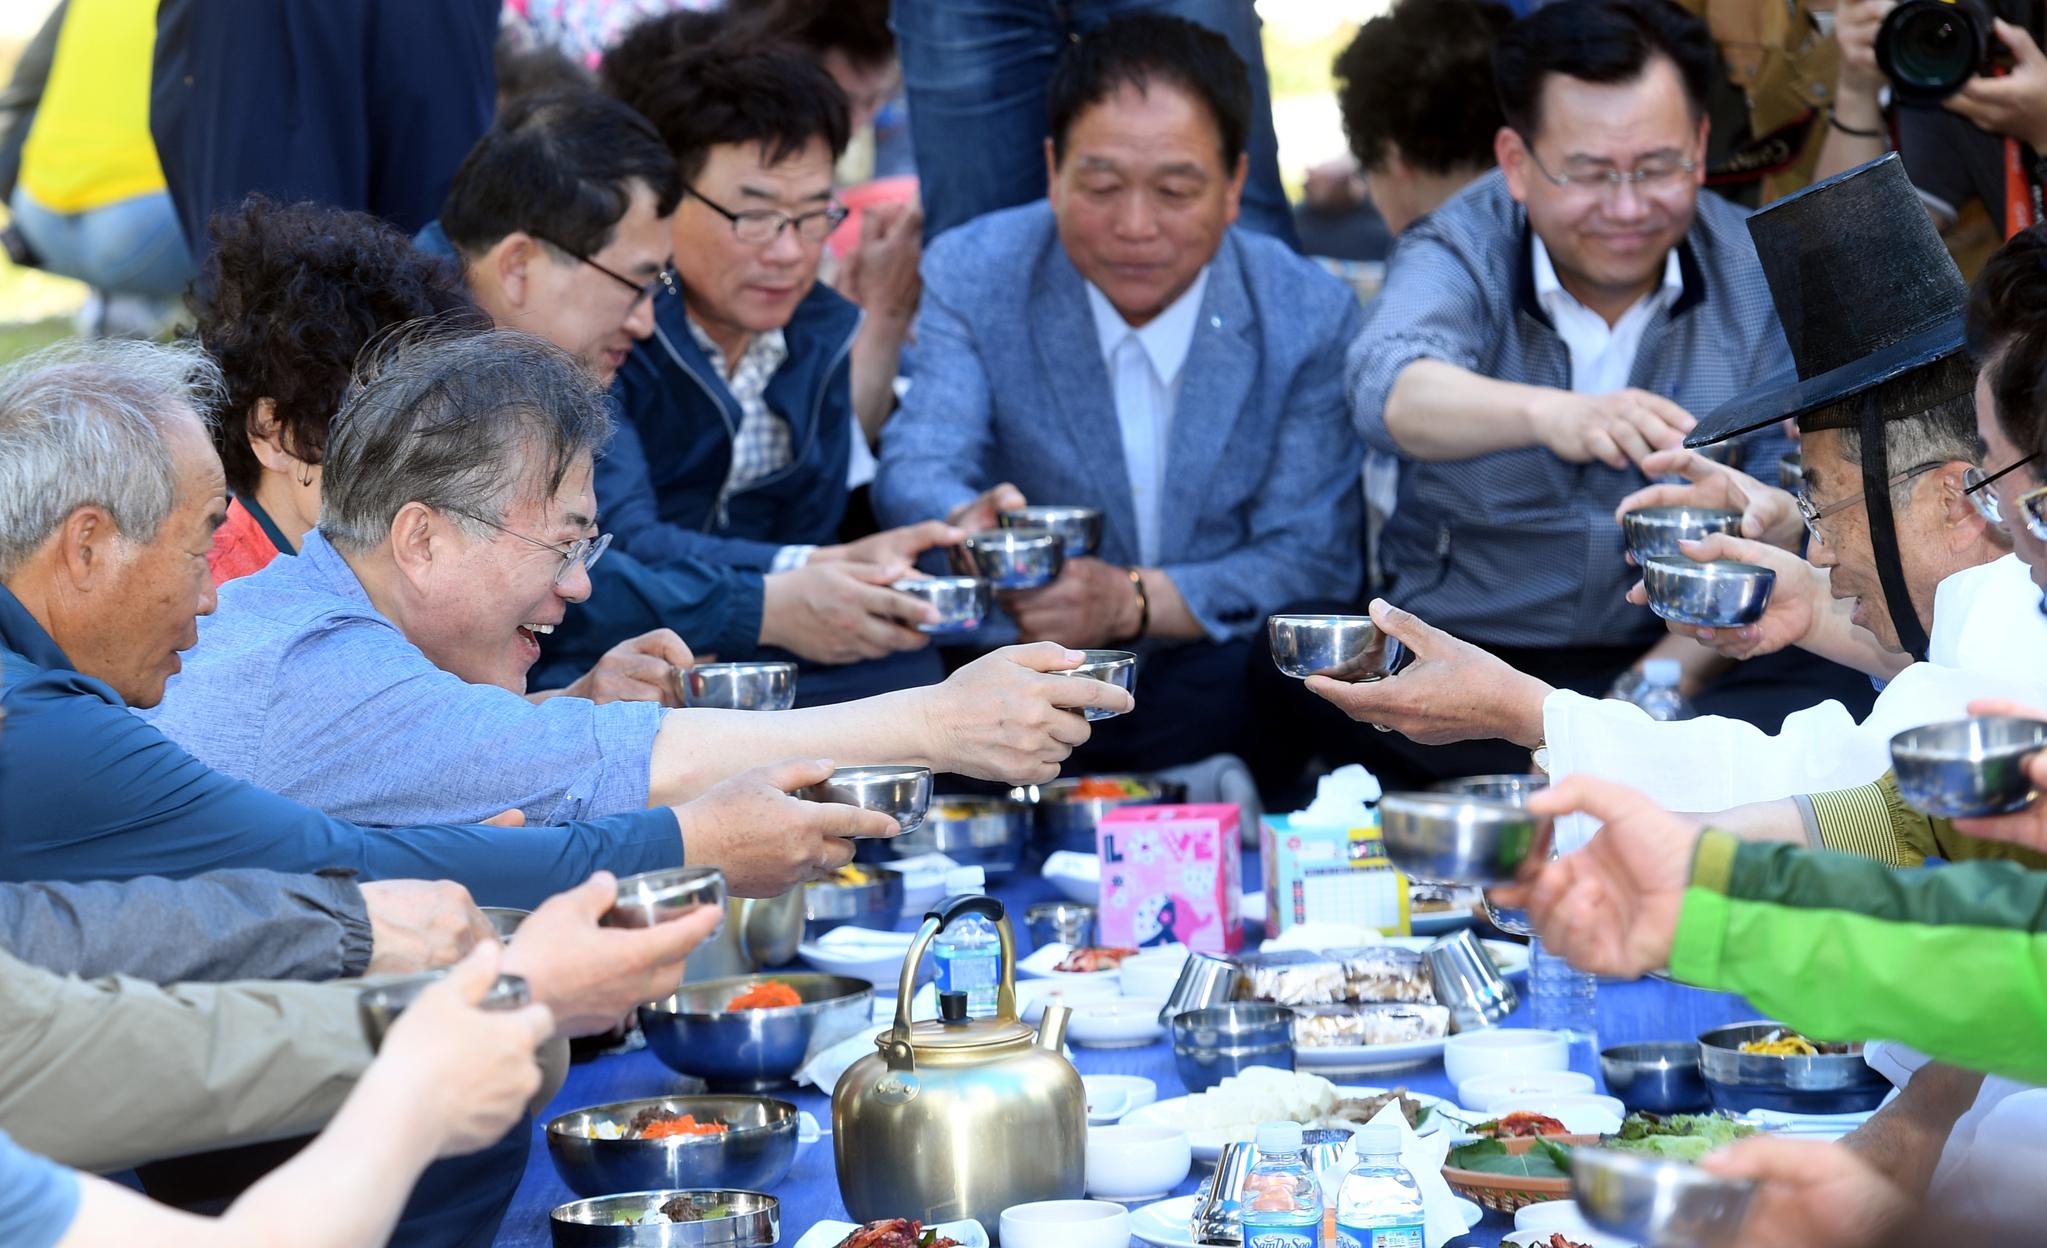 문재인 대통령(왼쪽 두 번째)이 24일 오전 경북 경주시 옥산마을을 방문, 모내기를 한 뒤 주민들과 함께 새참을 먹고 있다. [청와대사진기자단]